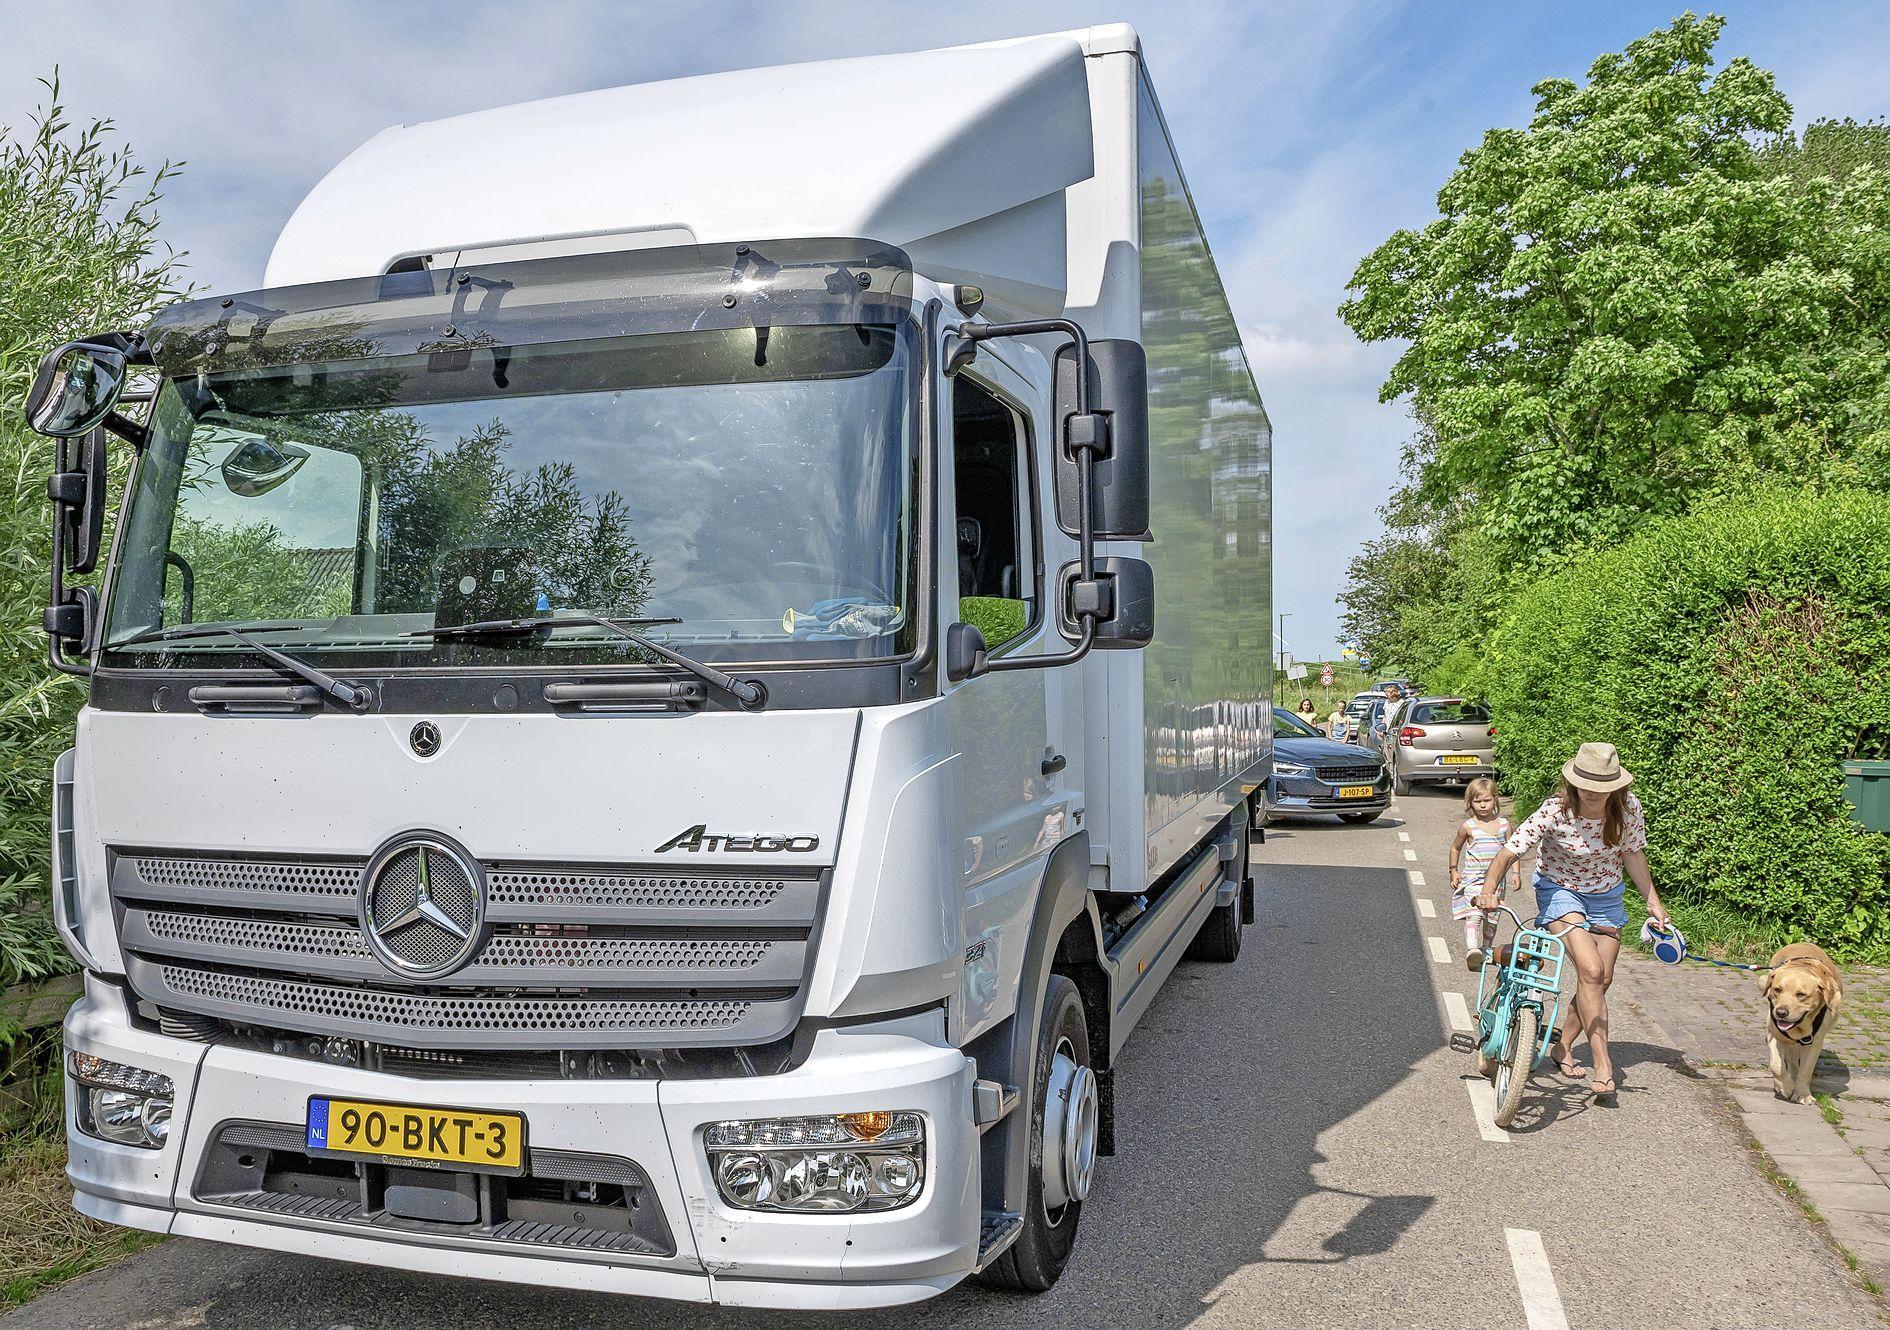 Zware vrachtwagens trillen Uitdammers uit hun bed: 'We zijn het verkeersriool van Amsterdam geworden'